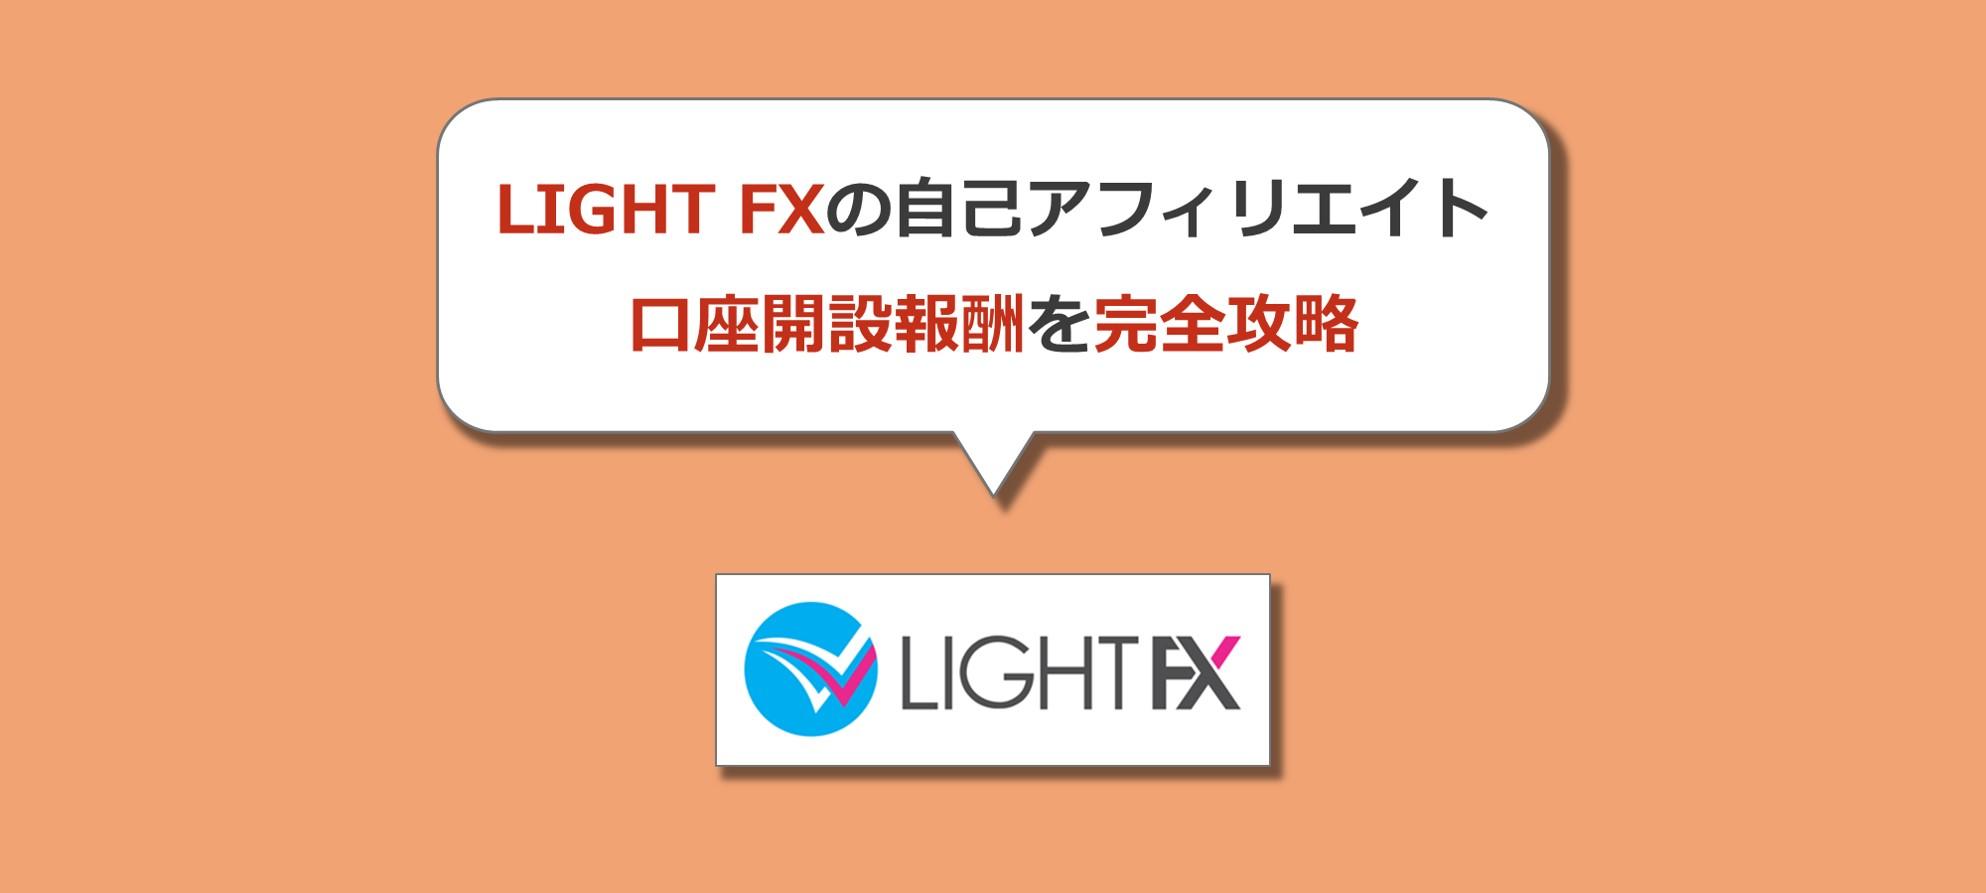 【自己アフィリエイト】LIGHT FXで報酬を受取る具体的な取引手順